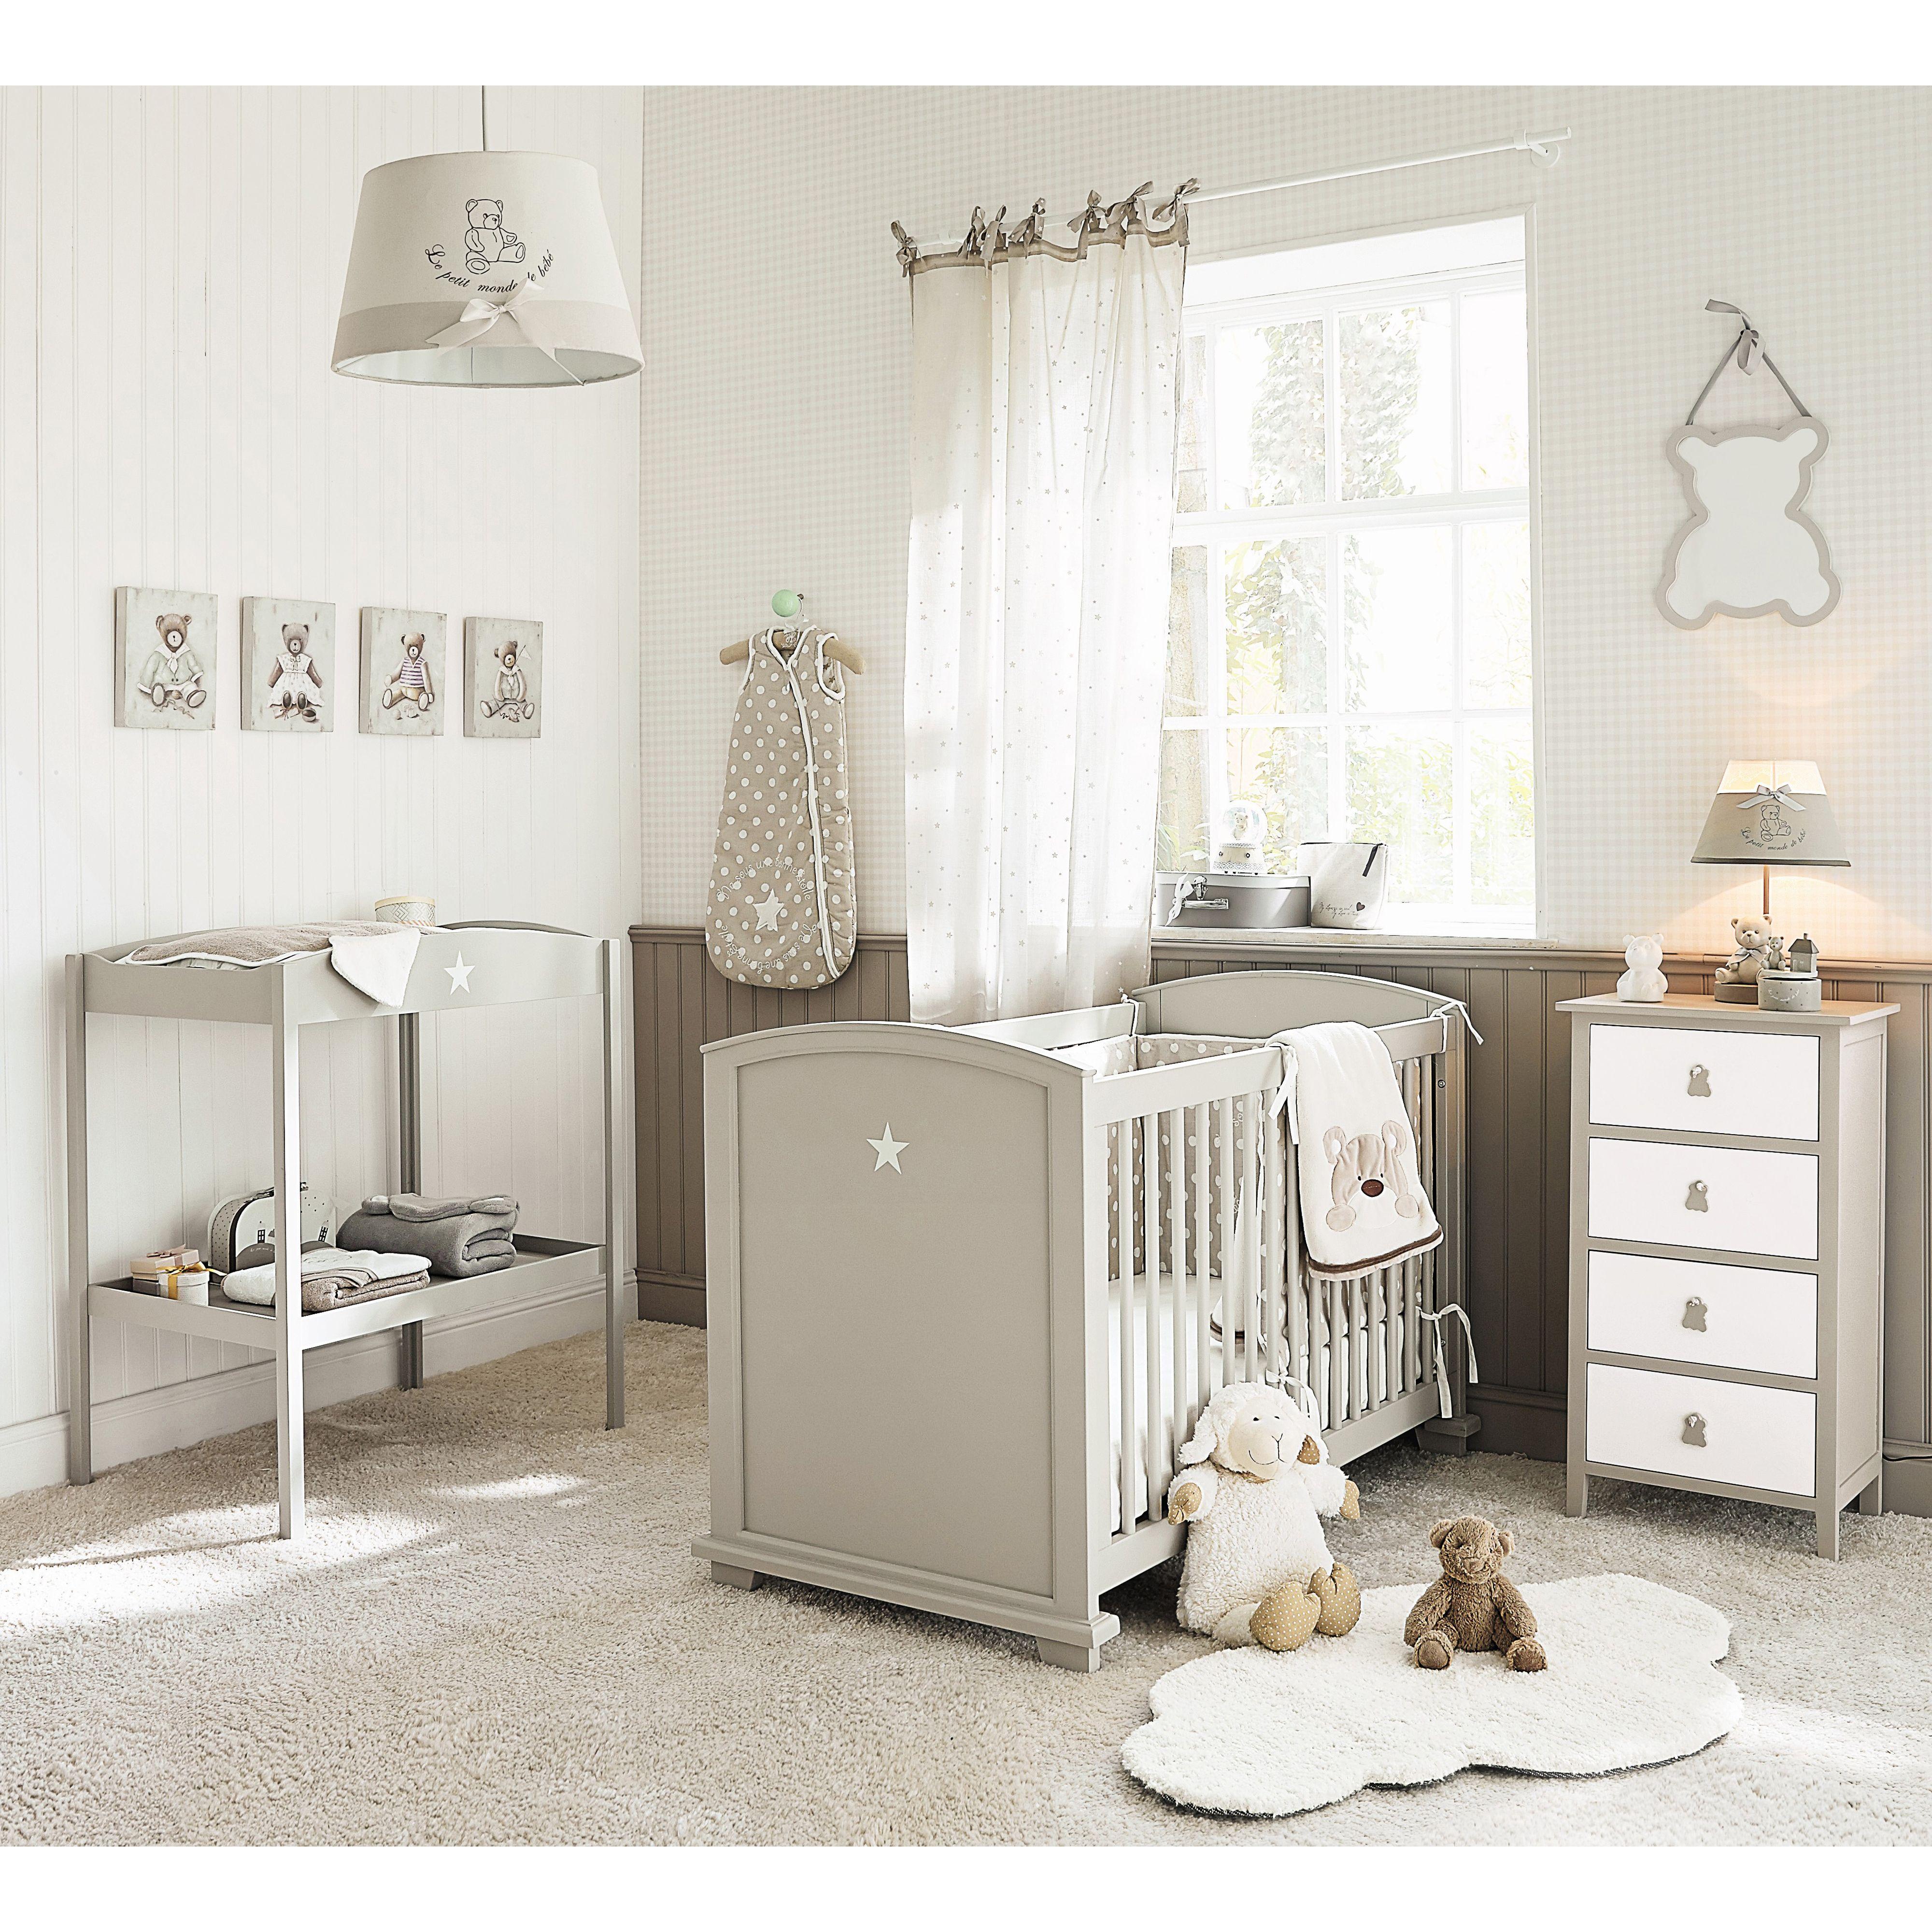 Lit bébé à barreaux en bois taupe L 131 cm Pastel | Maisons du Monde ...